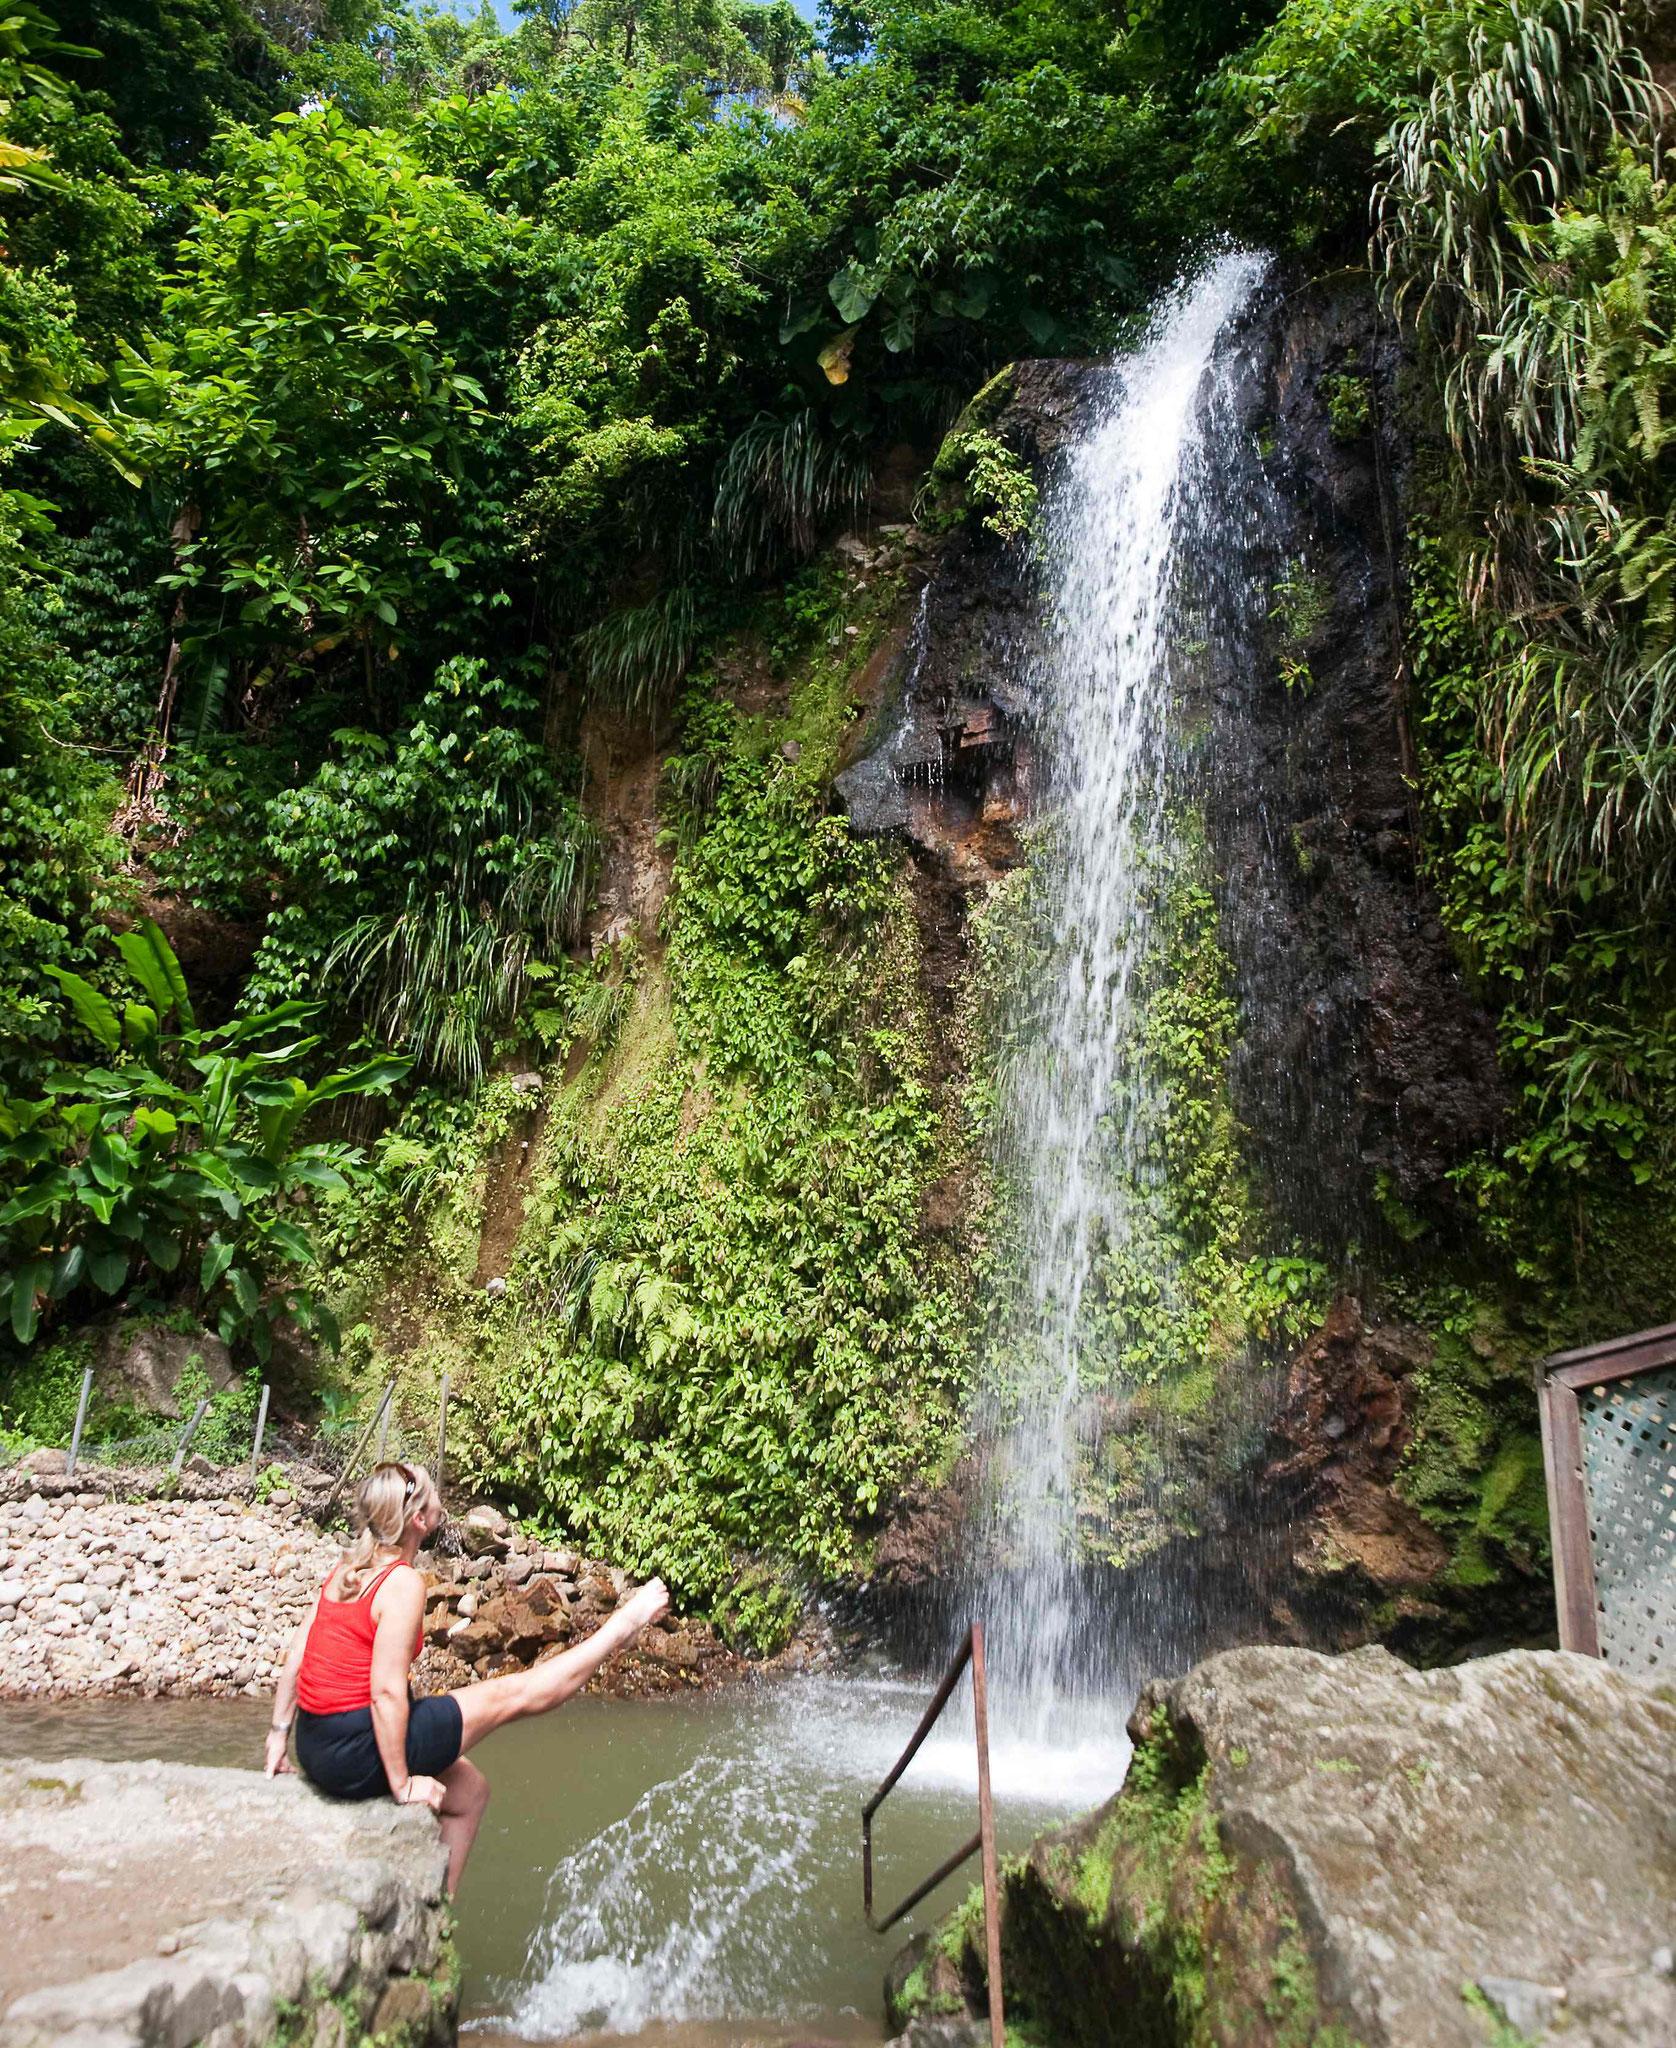 Diamond Wasserfall